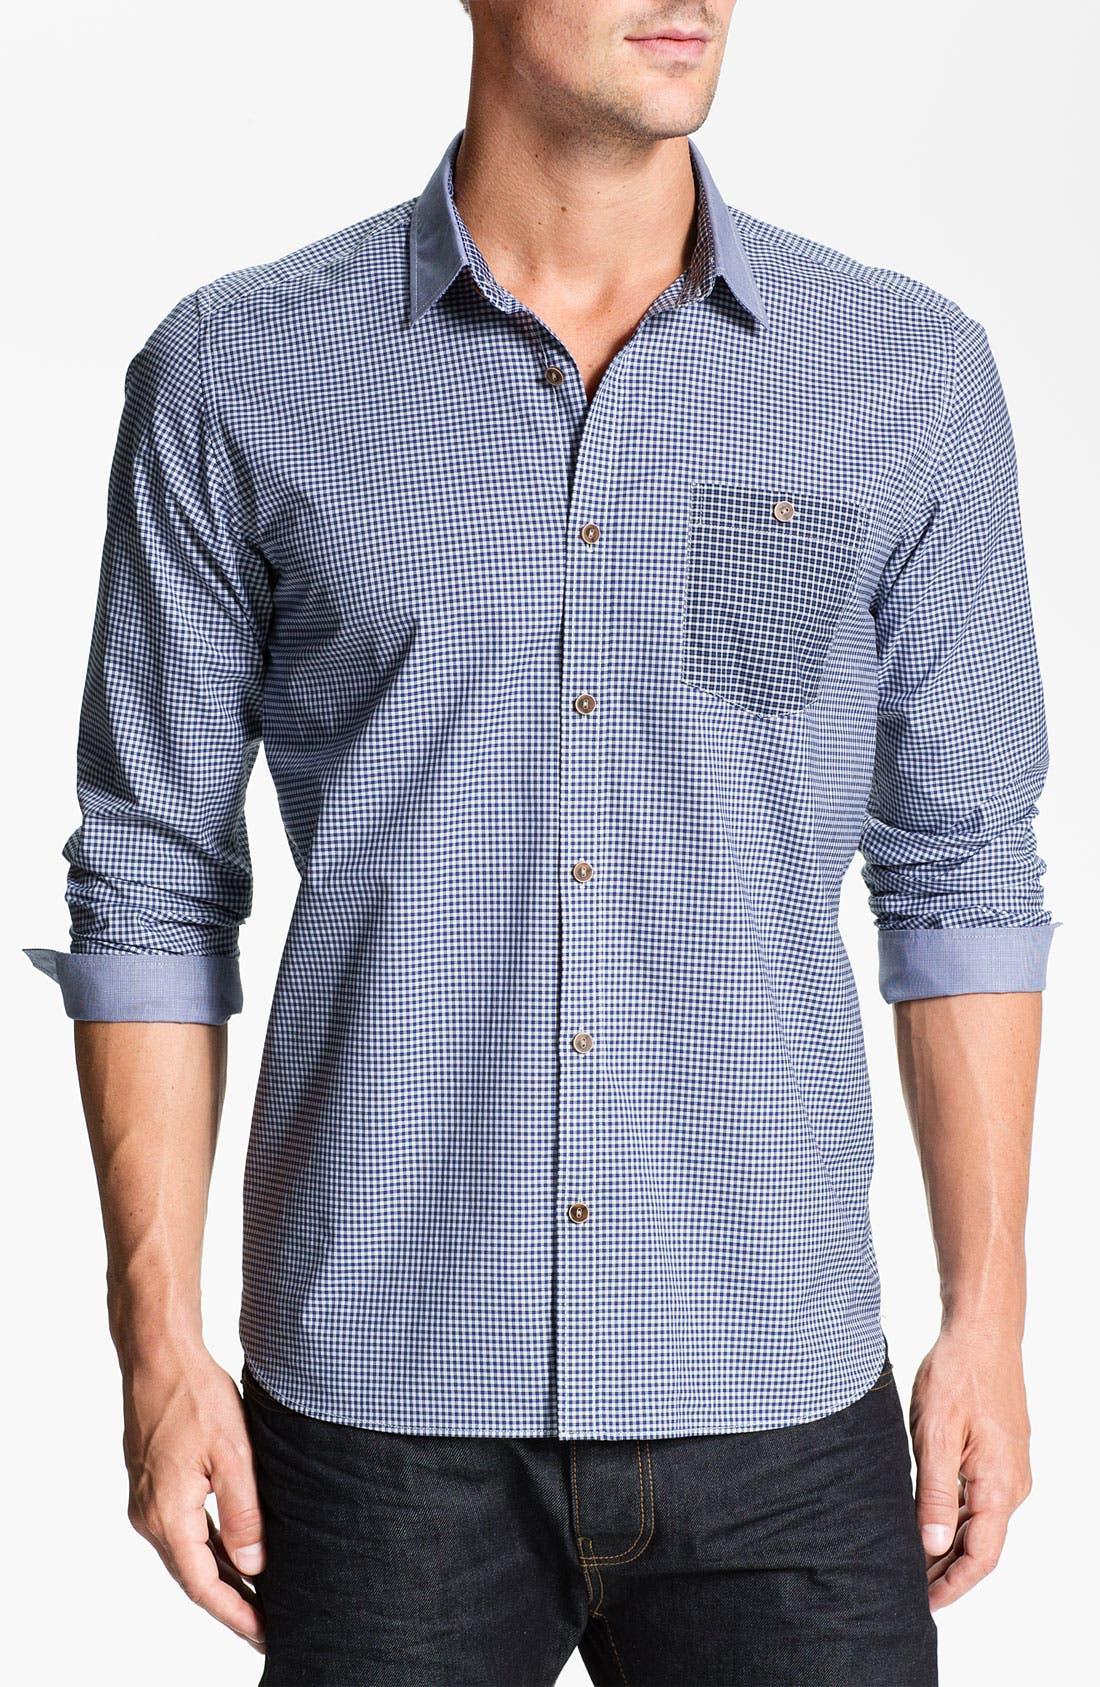 Alternate Image 1 Selected - Ted Baker London 'Livalot' Sport Shirt